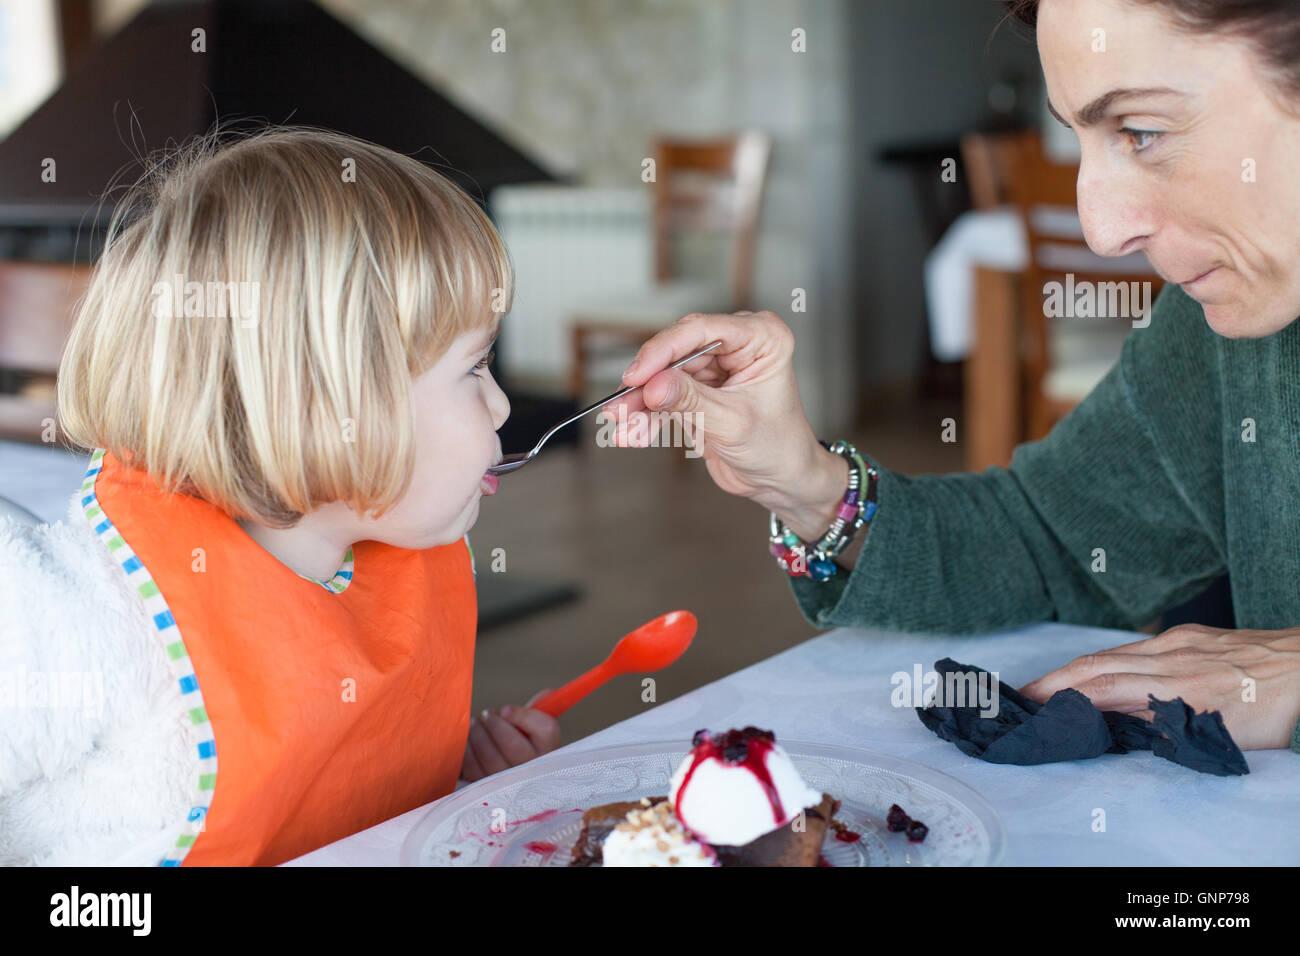 Suéter verde de alimentación mujer chico naranja babero con cuchara de metal un trozo de pastel de chocolate Imagen De Stock